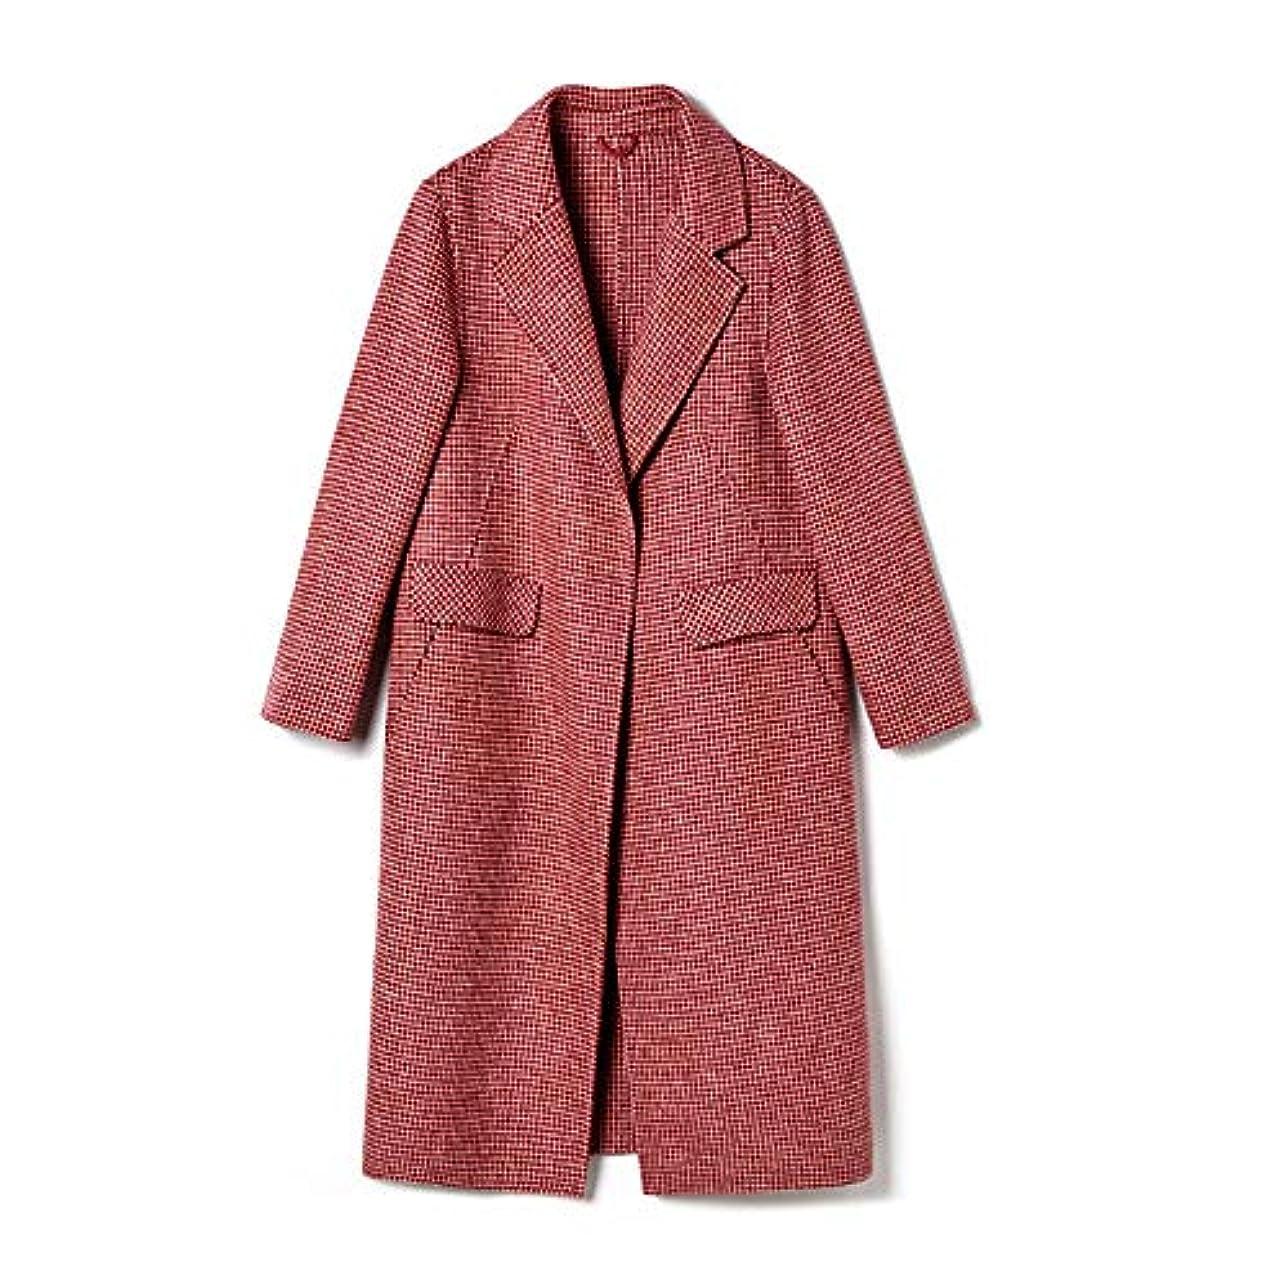 注入する破壊する三角形両面カシミヤのコート、長いセクションレディースコートレディースウインドブレーカージャケット女性の秋と冬人気のウールウールコート,M